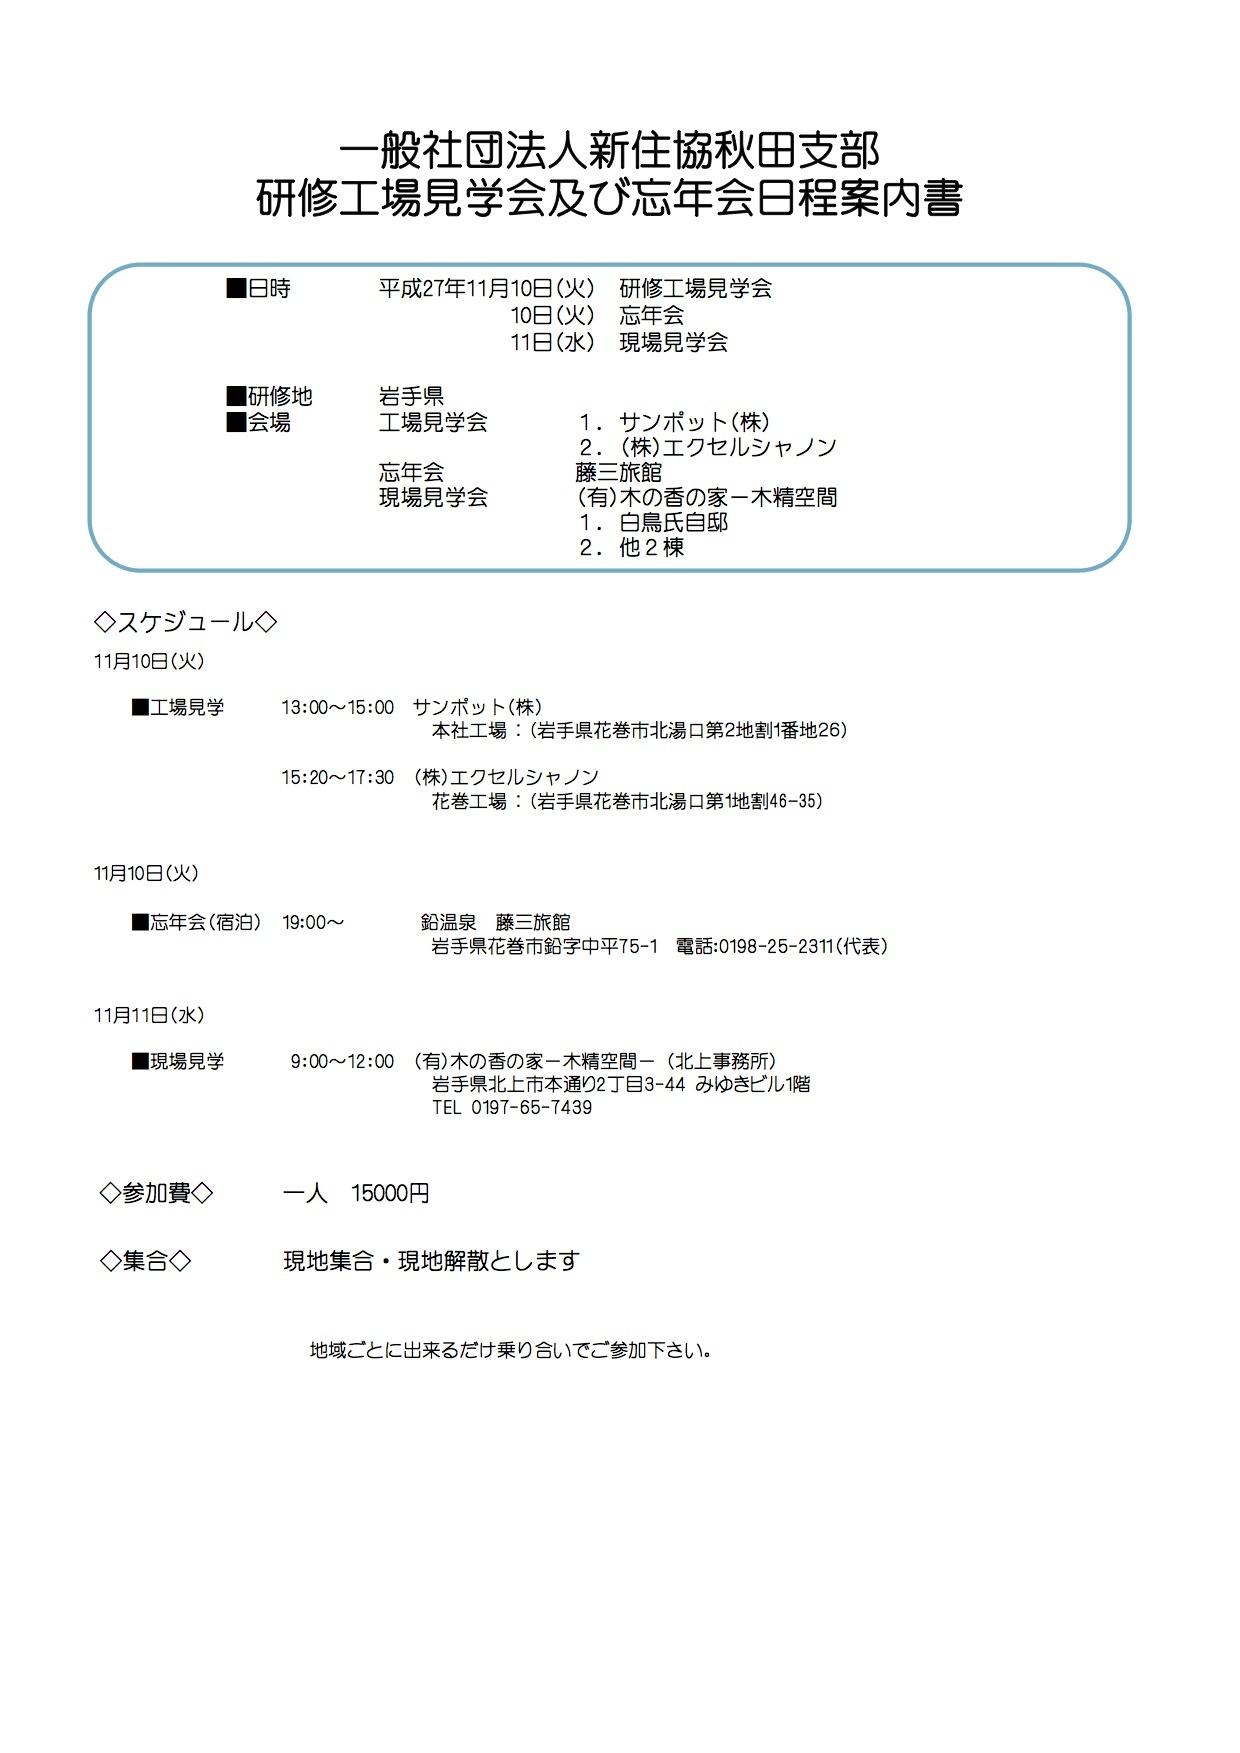 10日11日は新住協秋田支部研修会_e0054299_15561428.jpg